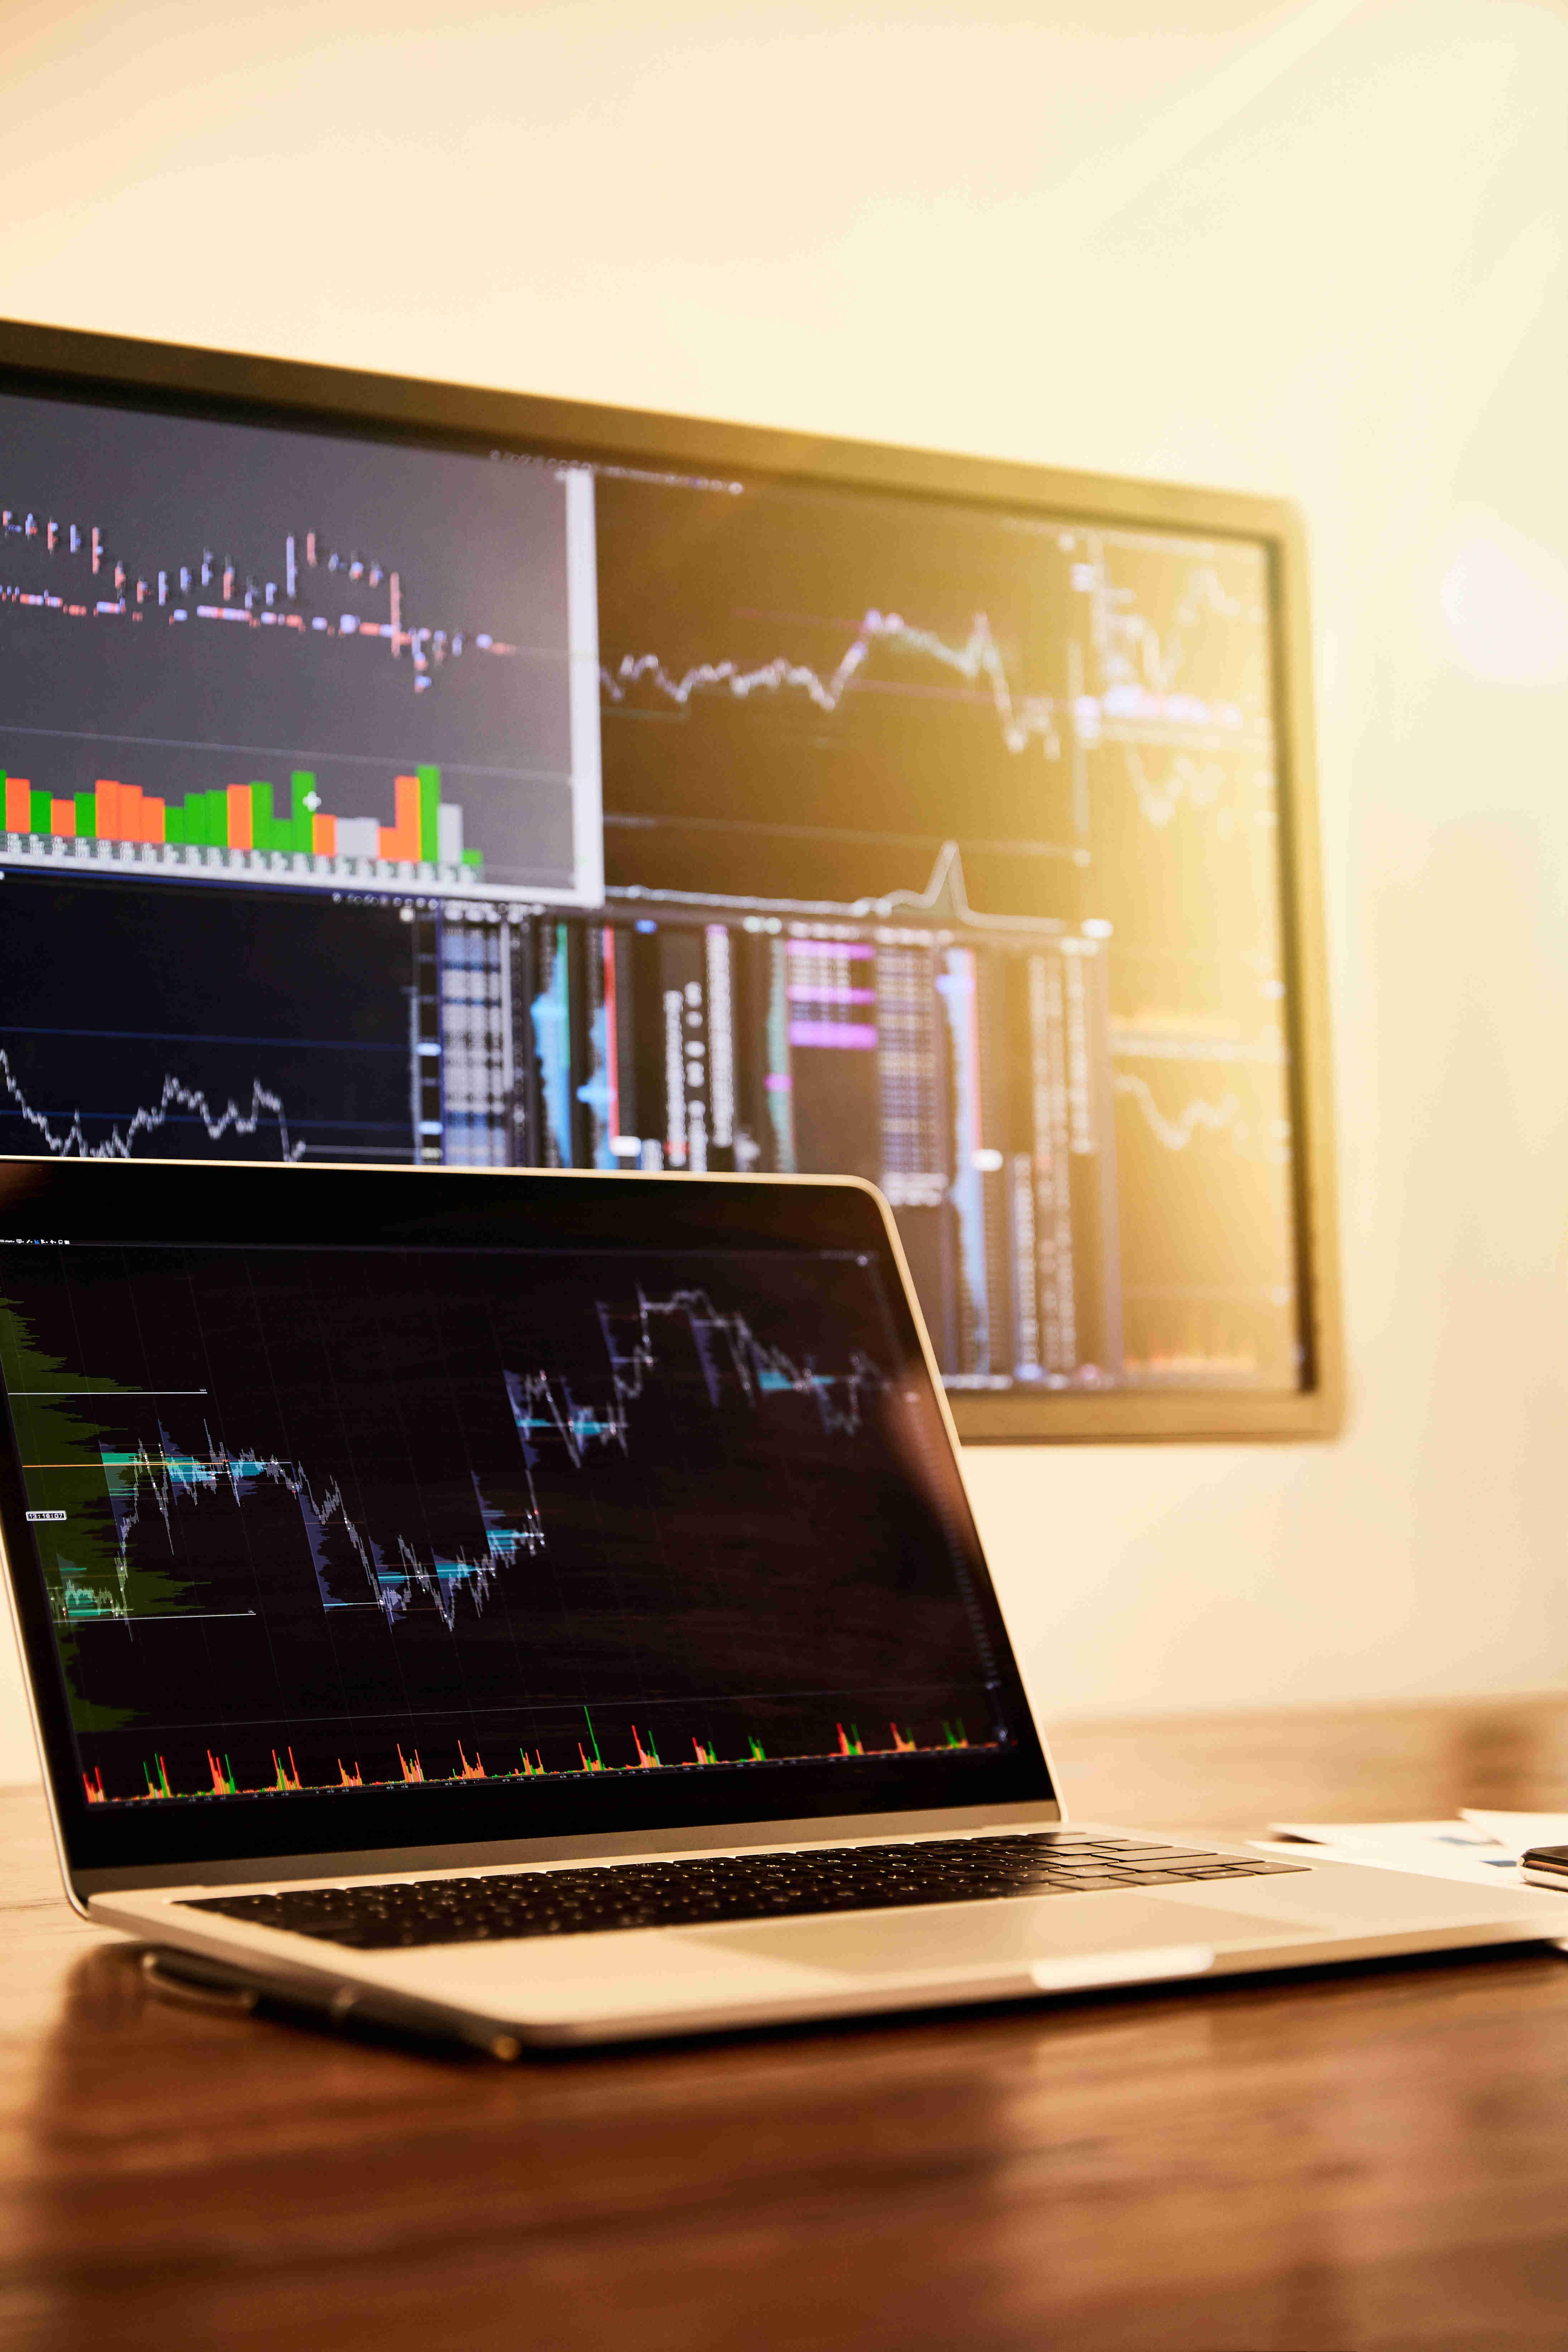 Novos tempos pedem novos olhares e ações em Monitoramento de TI, para inibir ameaças e evitar prejuízos de vários tipos. Veja aqui o que fazer